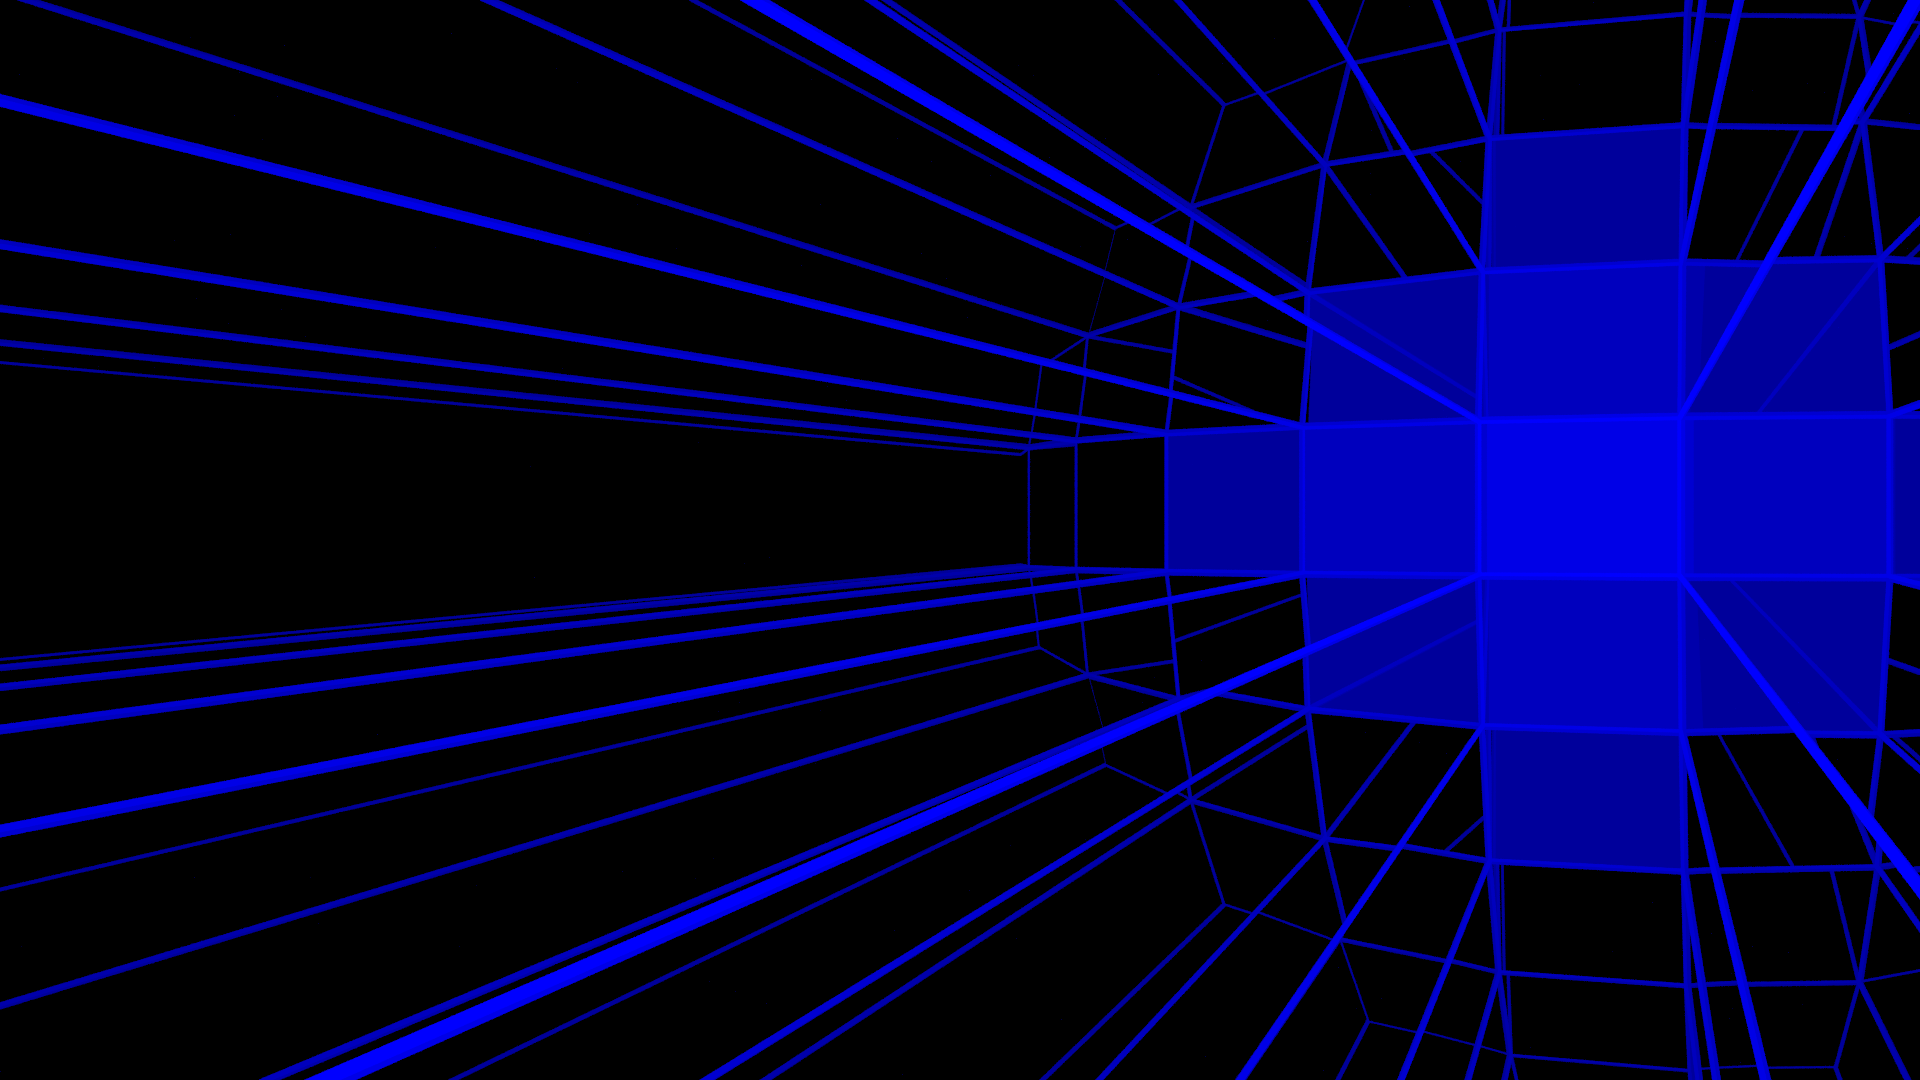 Home 3D Abstract 3d Blue Neon Wallpaper 1920x1080